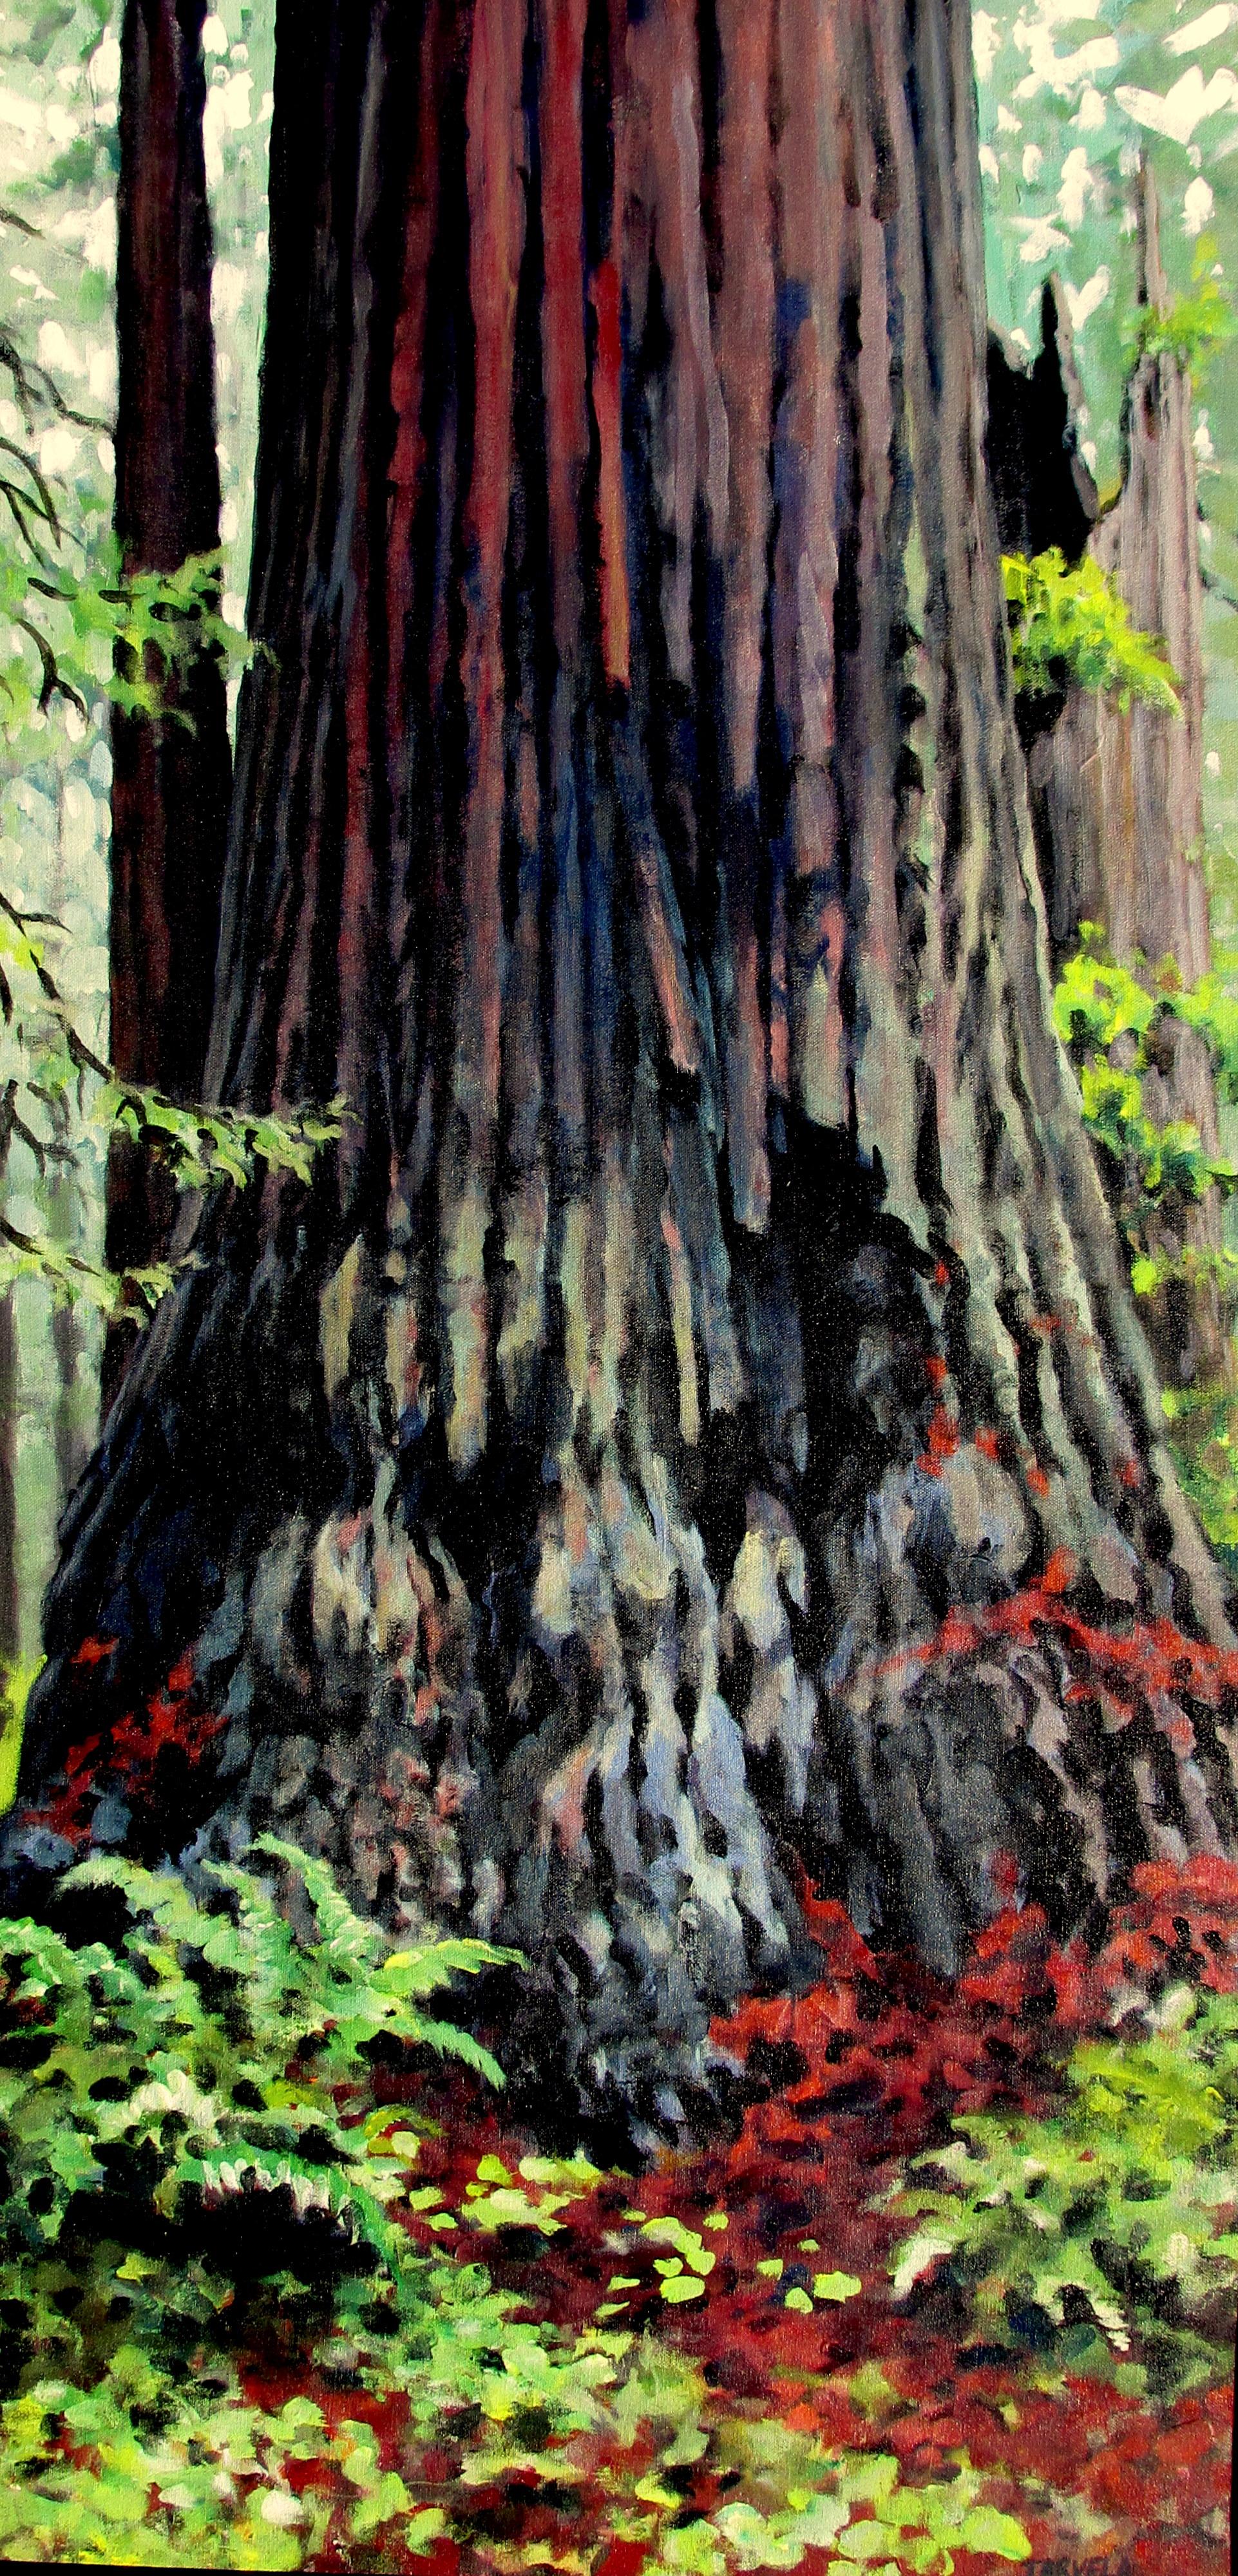 Jarvela-Large Redwood I